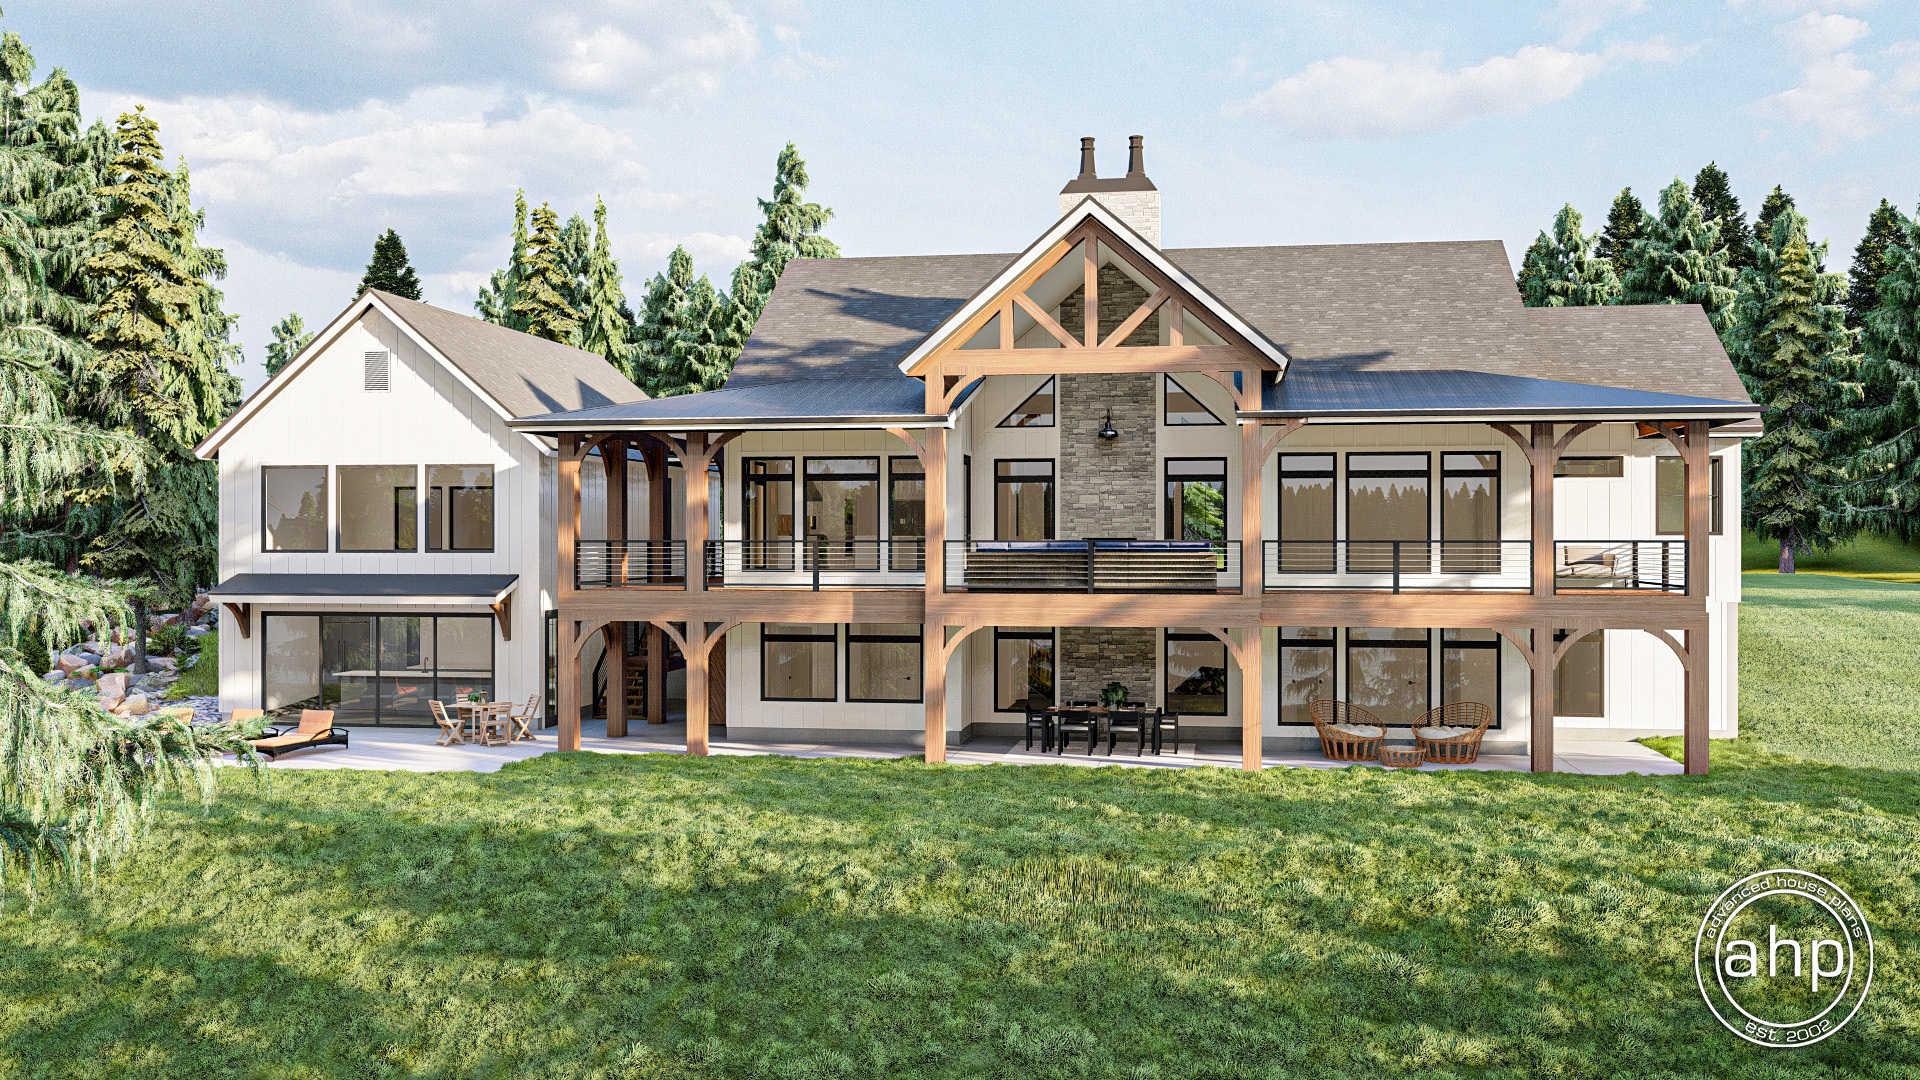 20 Story Modern Farmhouse Lake House Plan   Valley View